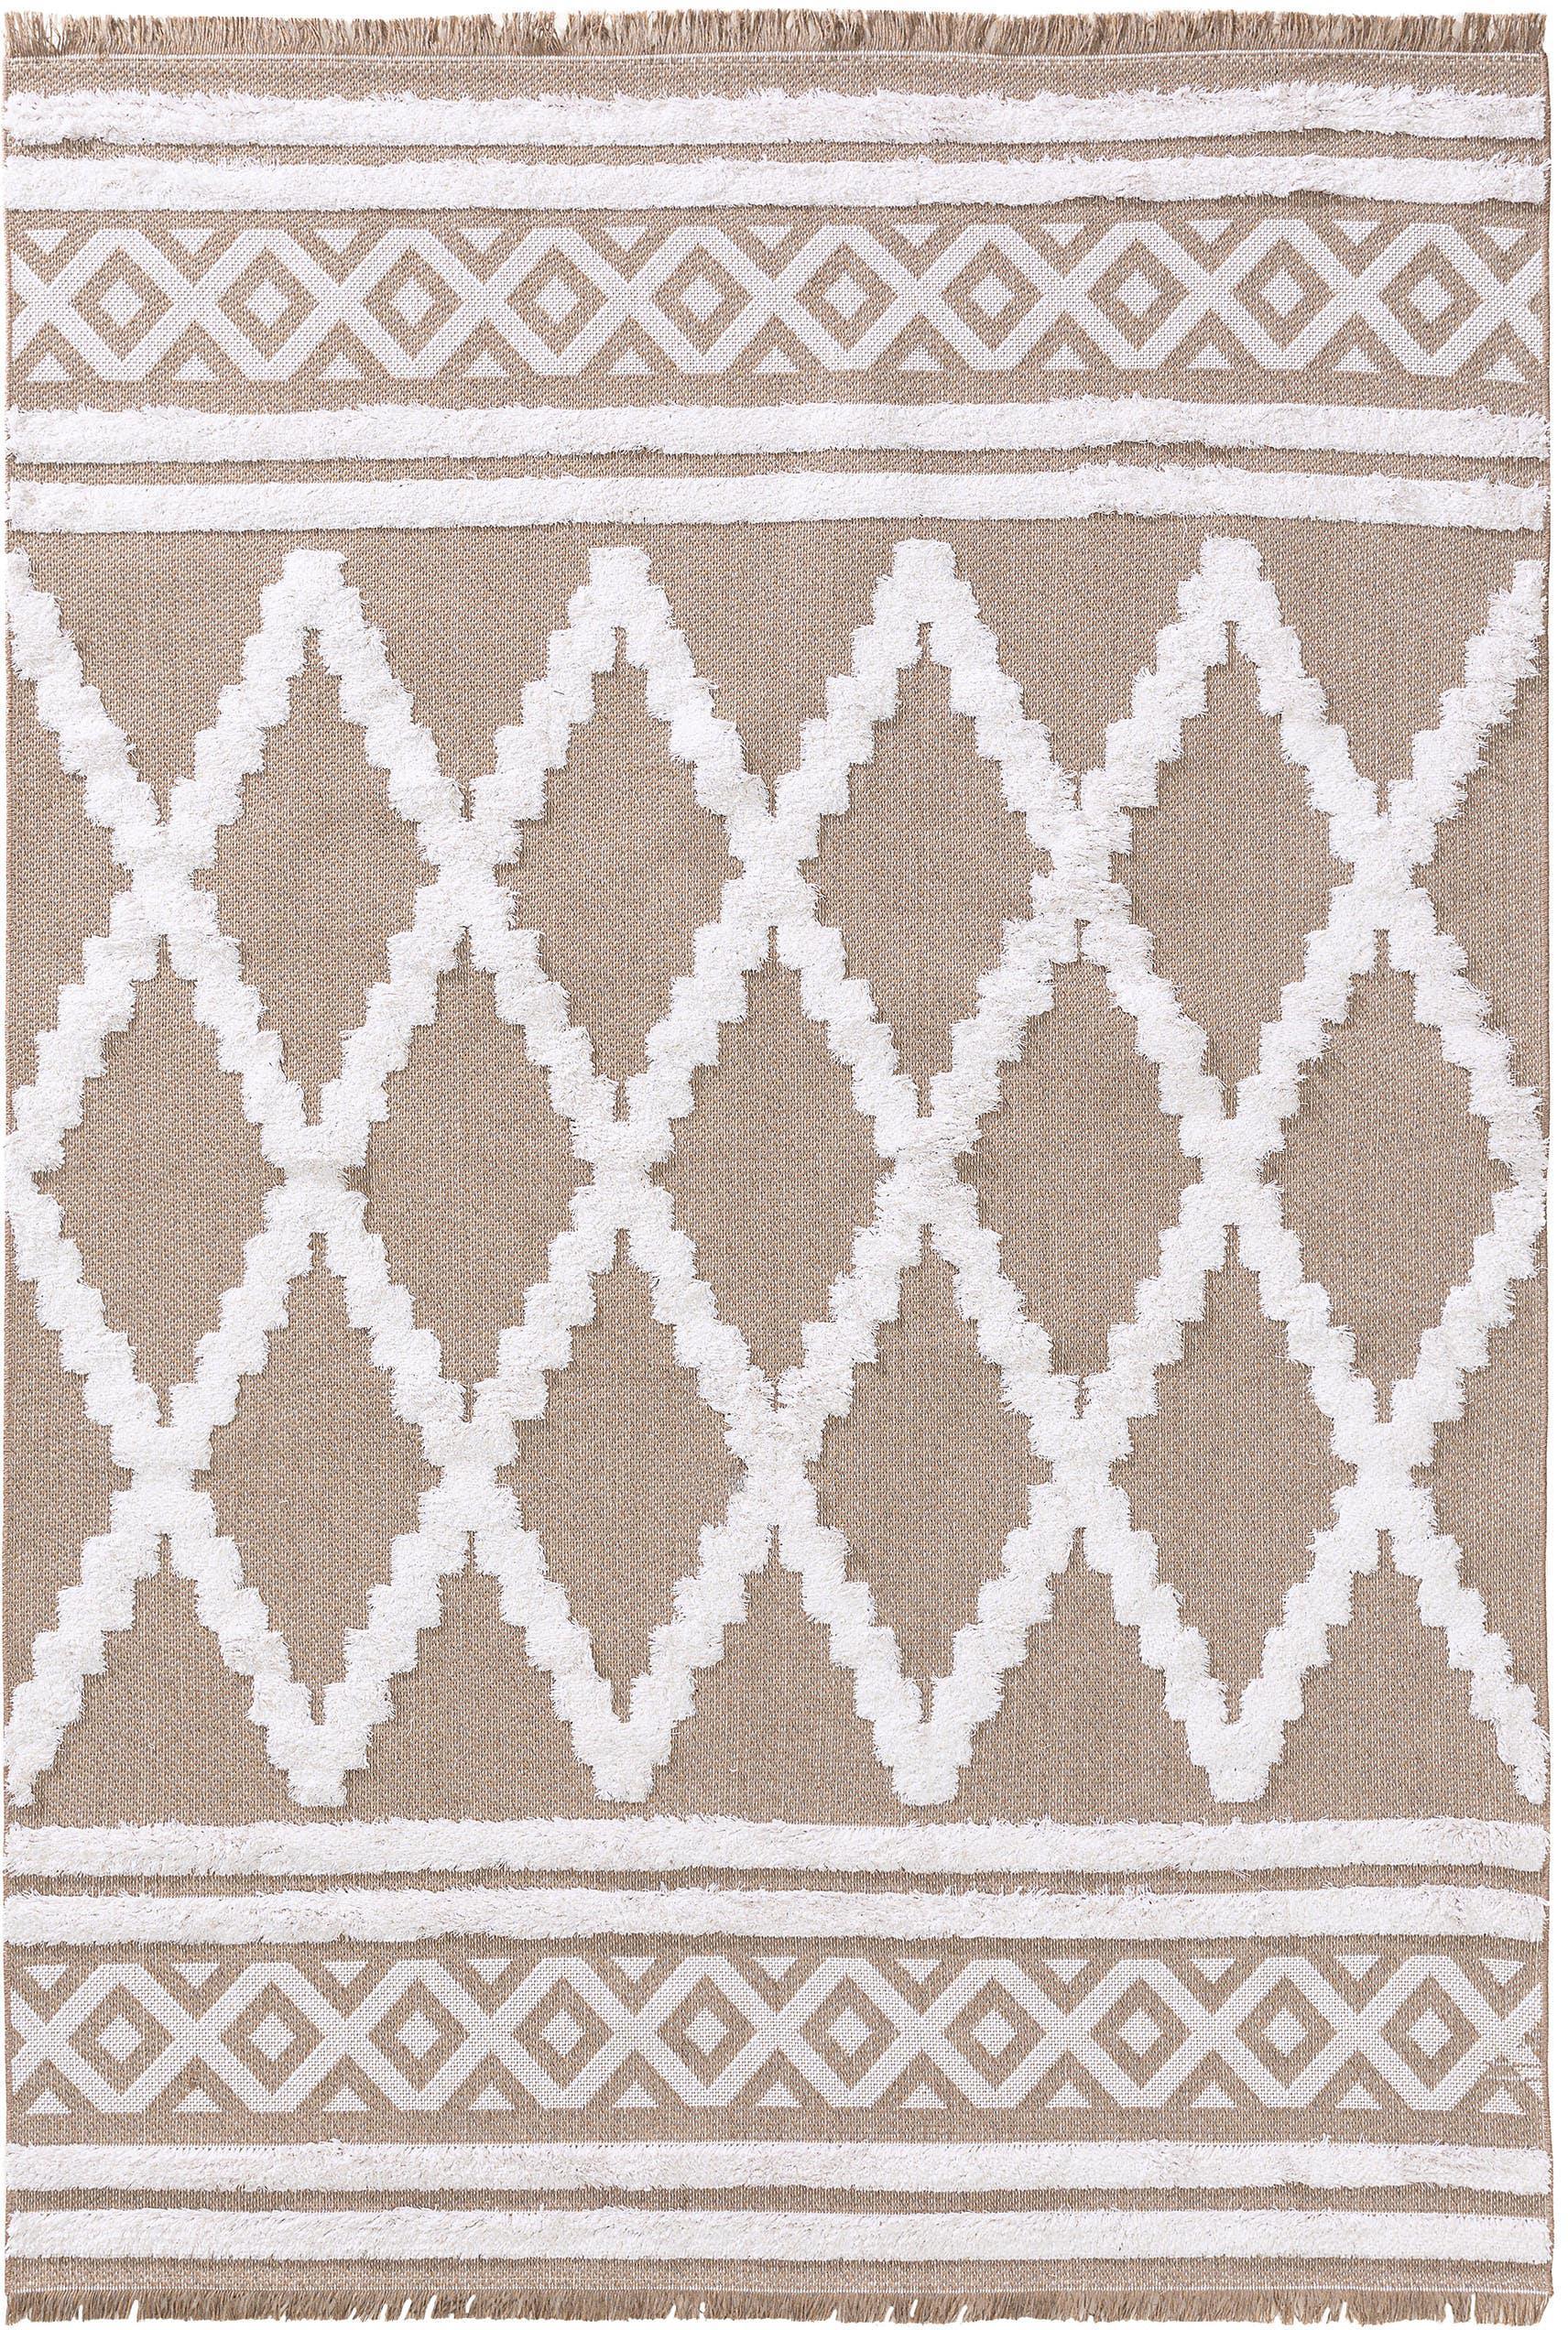 Dywan z bawełny Oslo Karo, 100% bawełna, Taupe, kremowobiały, S 190 x D 280 cm